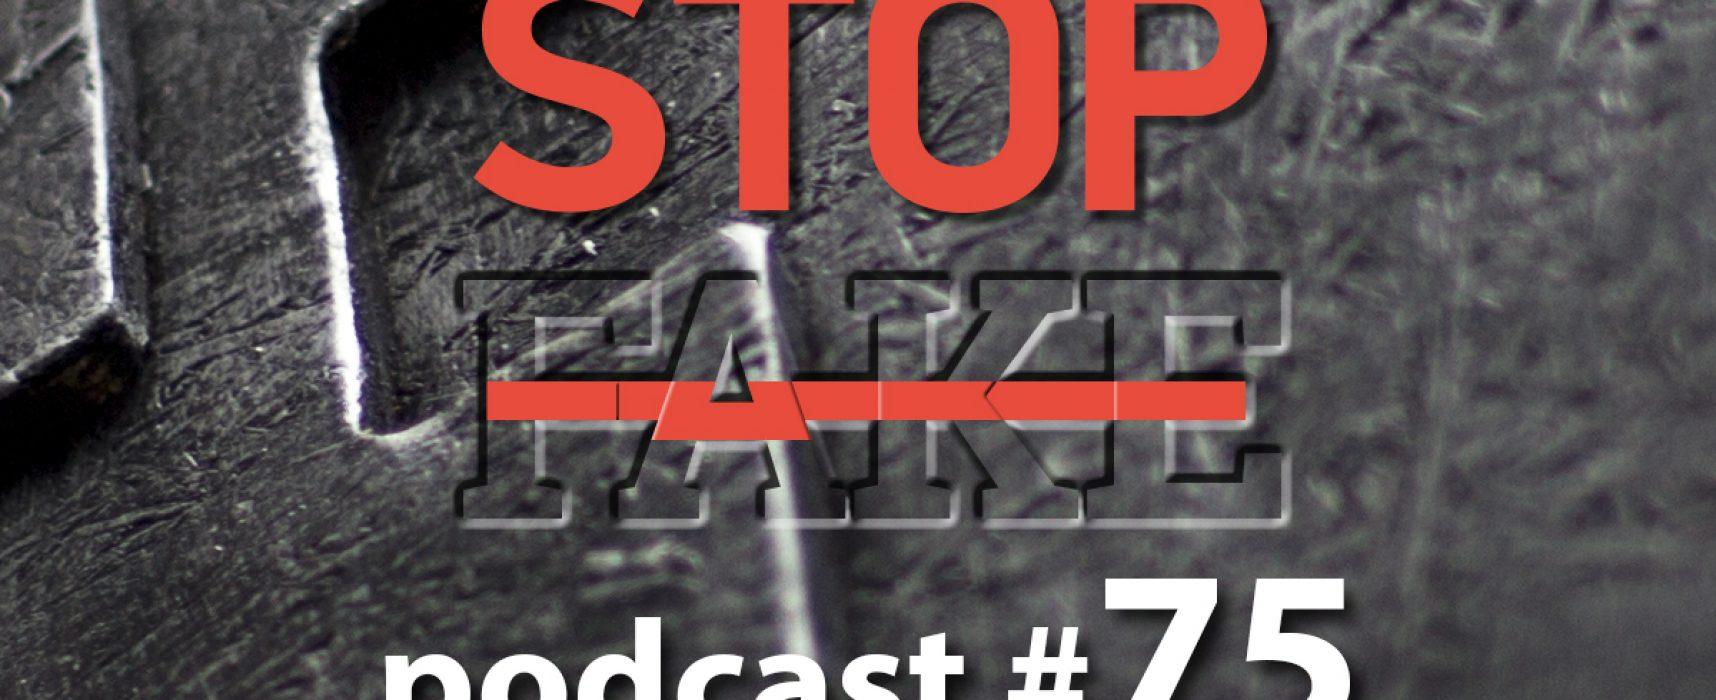 StopFake #75